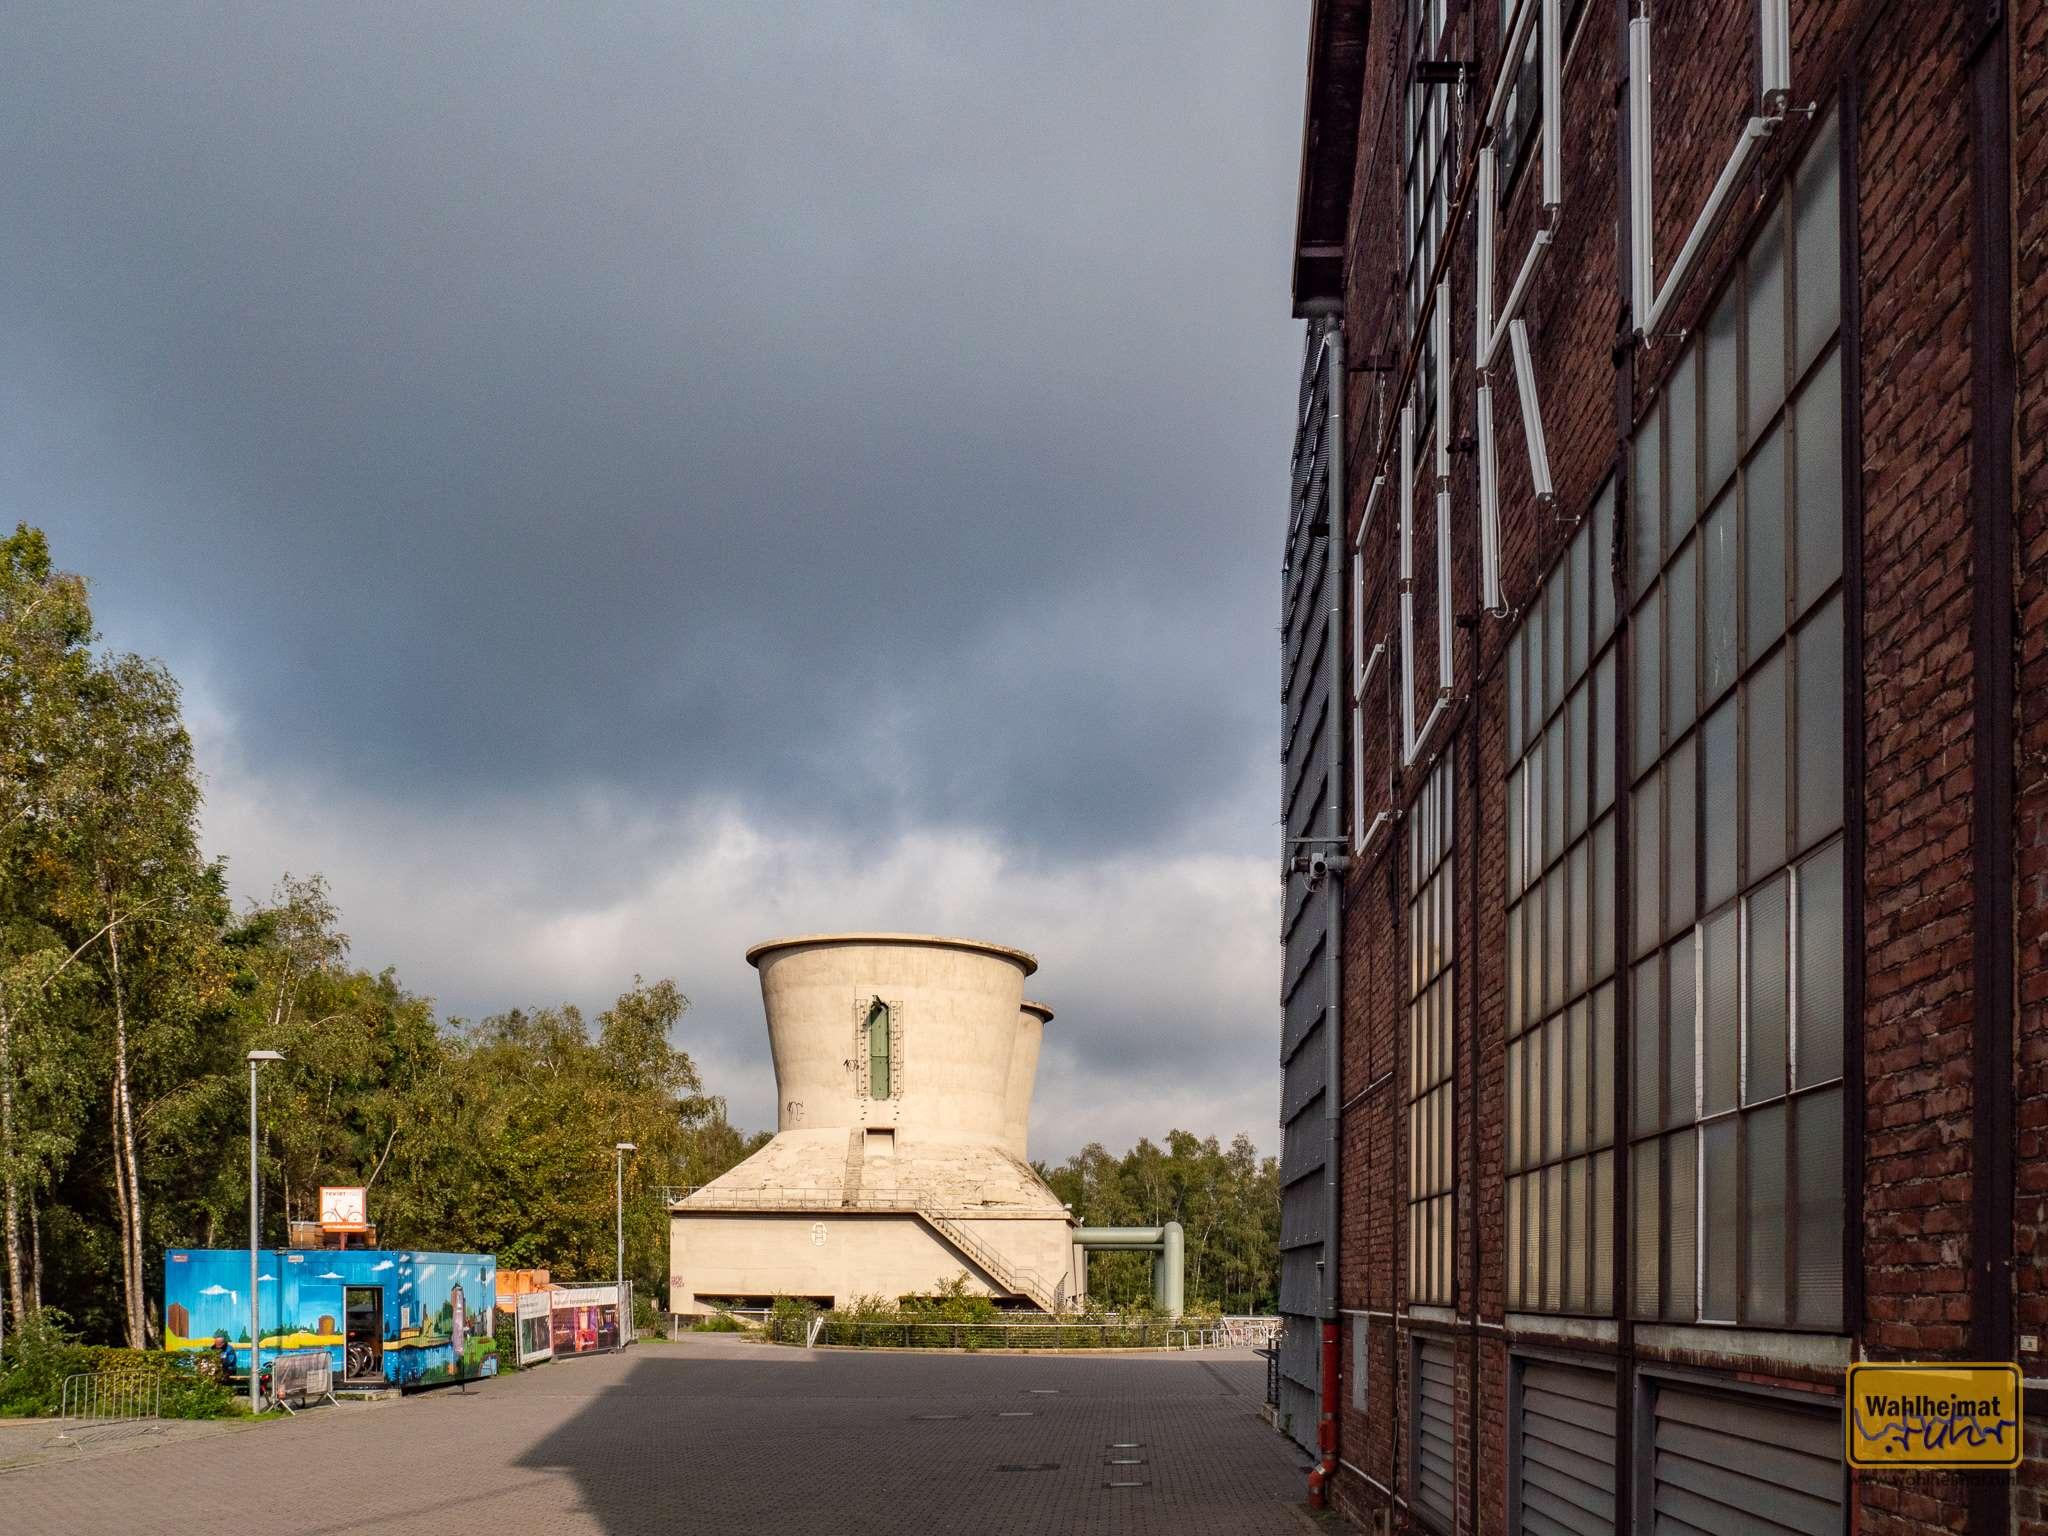 In dem schön blau bemalten Container ist ein RevierRad-Fahrradverleih untergebracht.